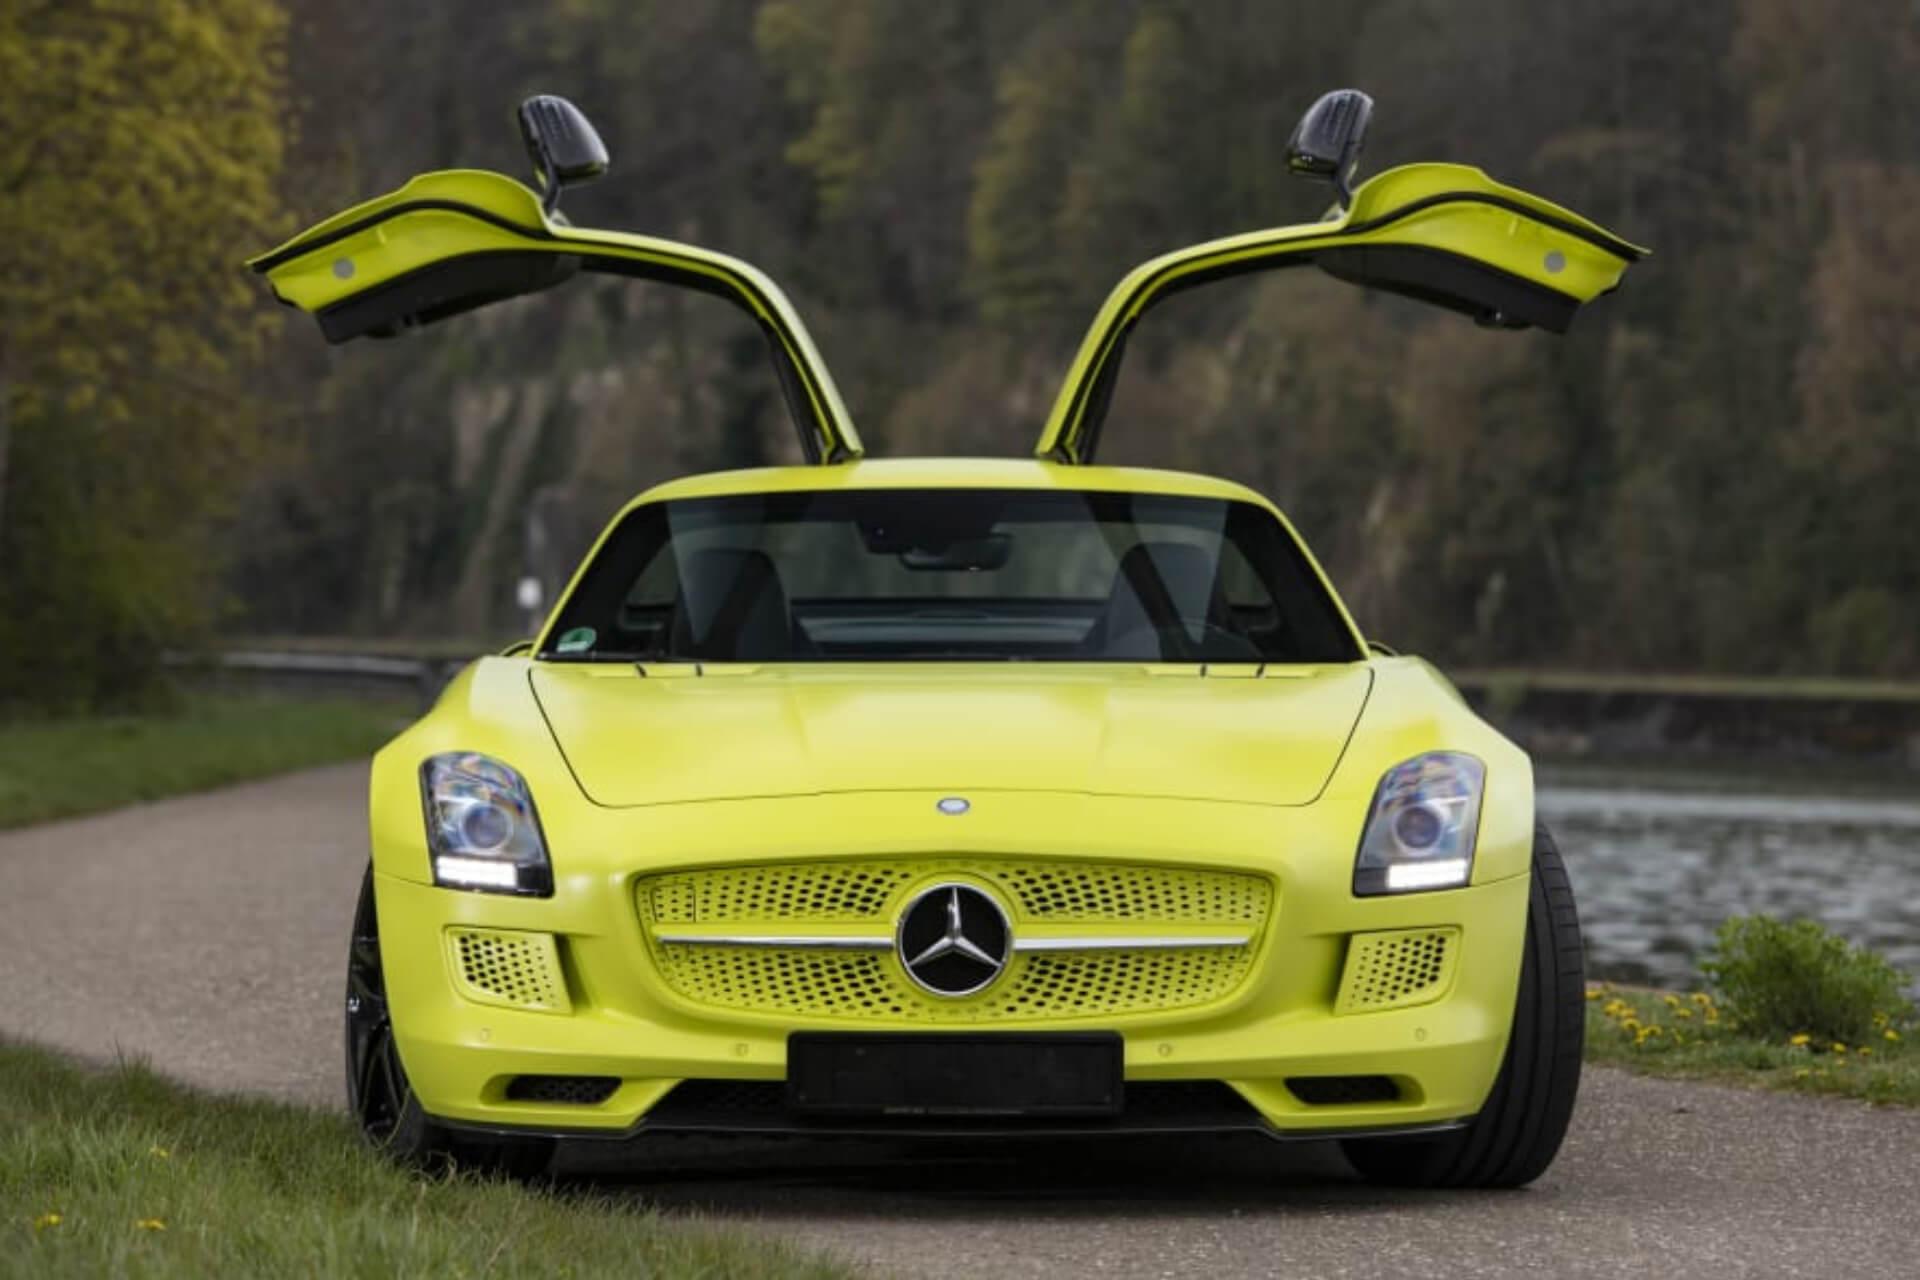 Mercedes Benz Sls Amg Electric Drive 05